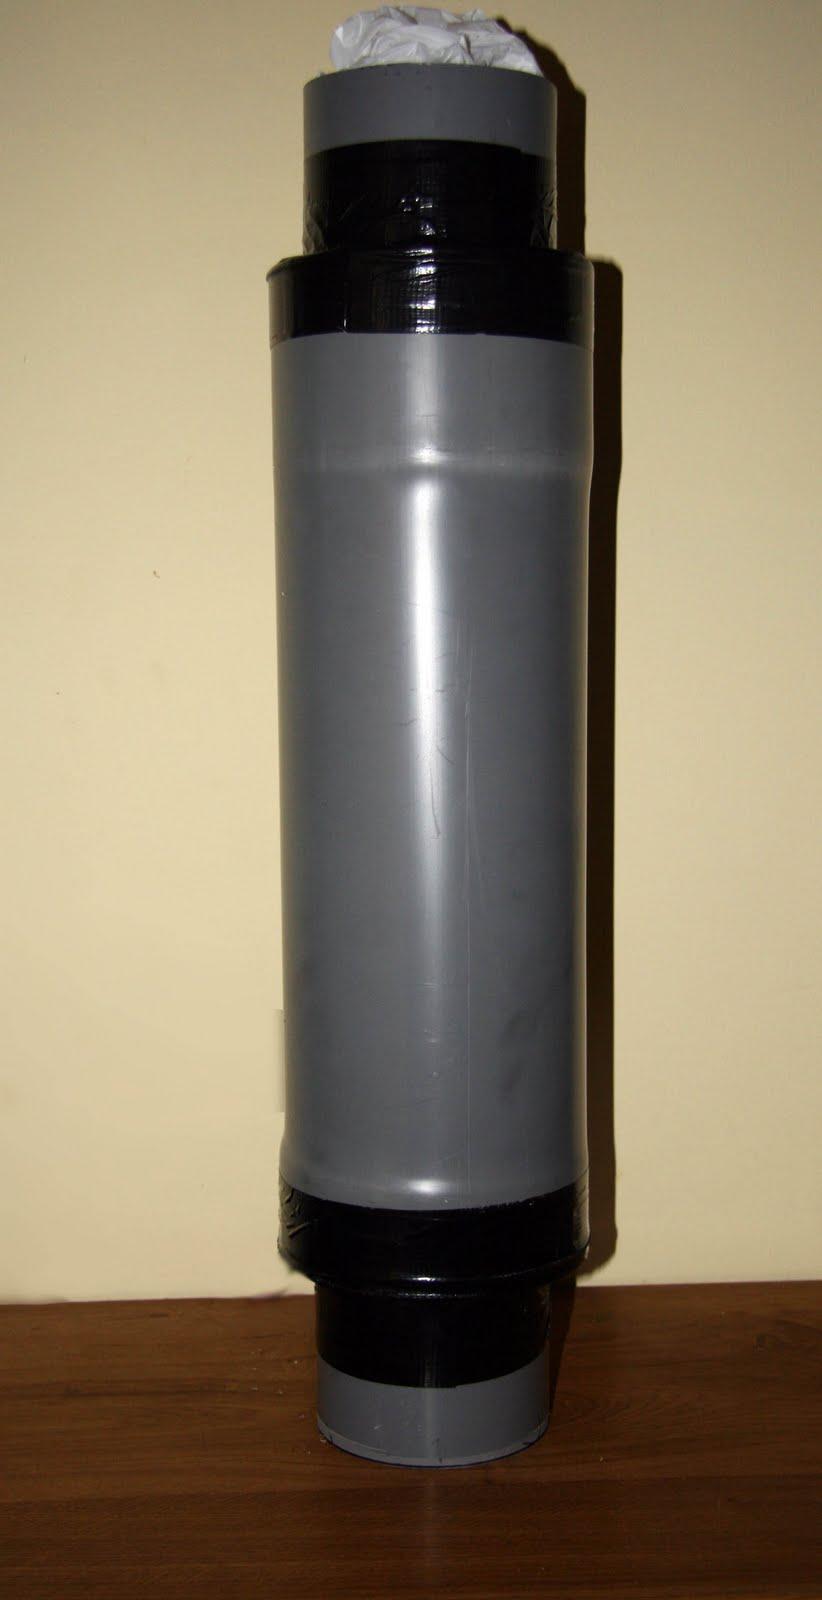 Cultivohouse tubo silencioso para la extraccion for Tubo extractor cocina